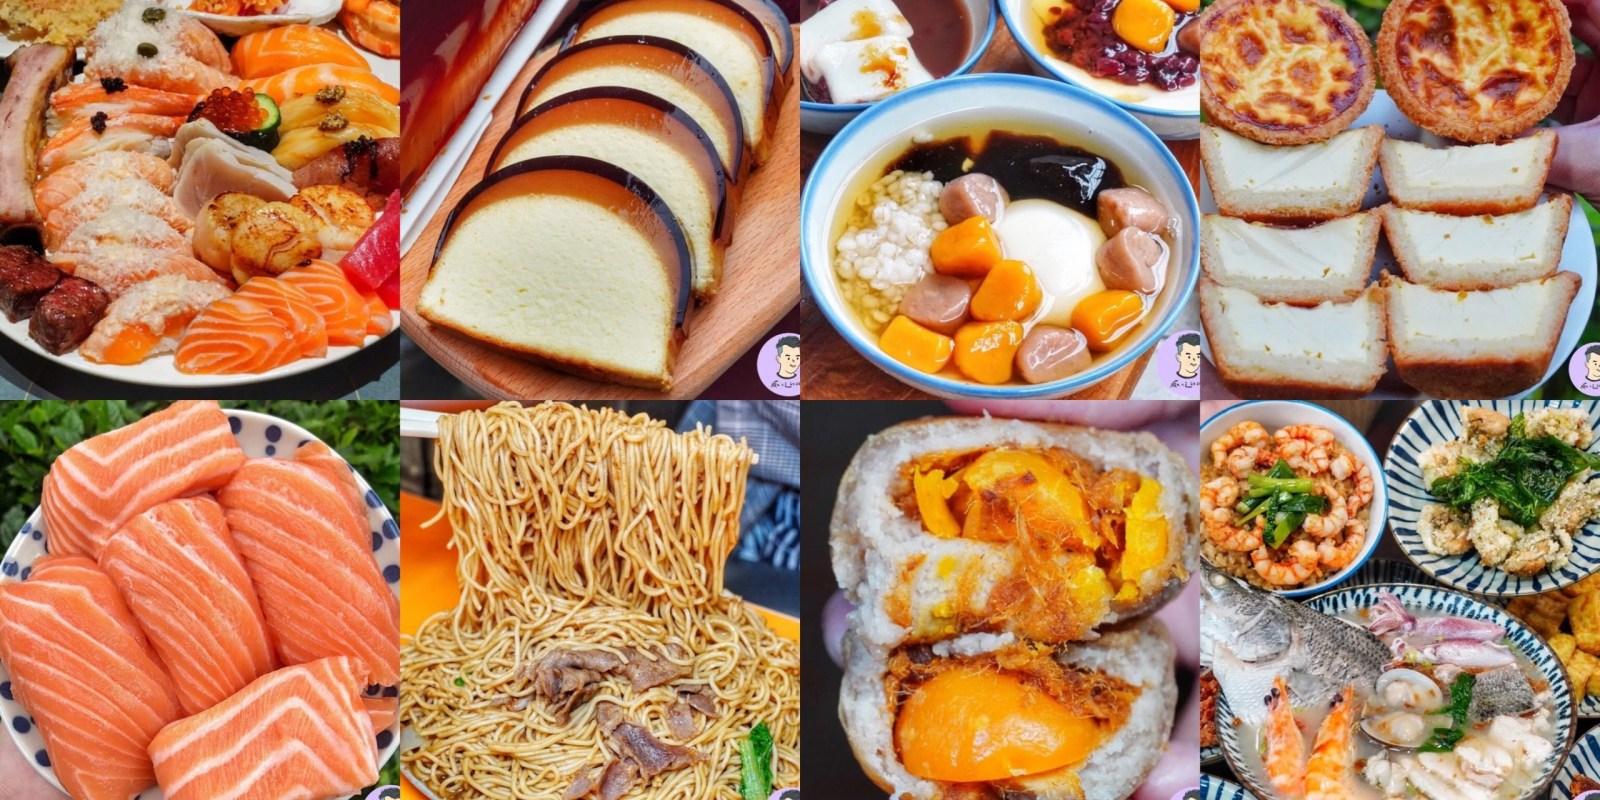 【2021台北美食】超過20間小吃餐廳攻略名單!!! 火鍋/燒烤/甜點/小吃/拉麵/日式料理 (持續更新中)